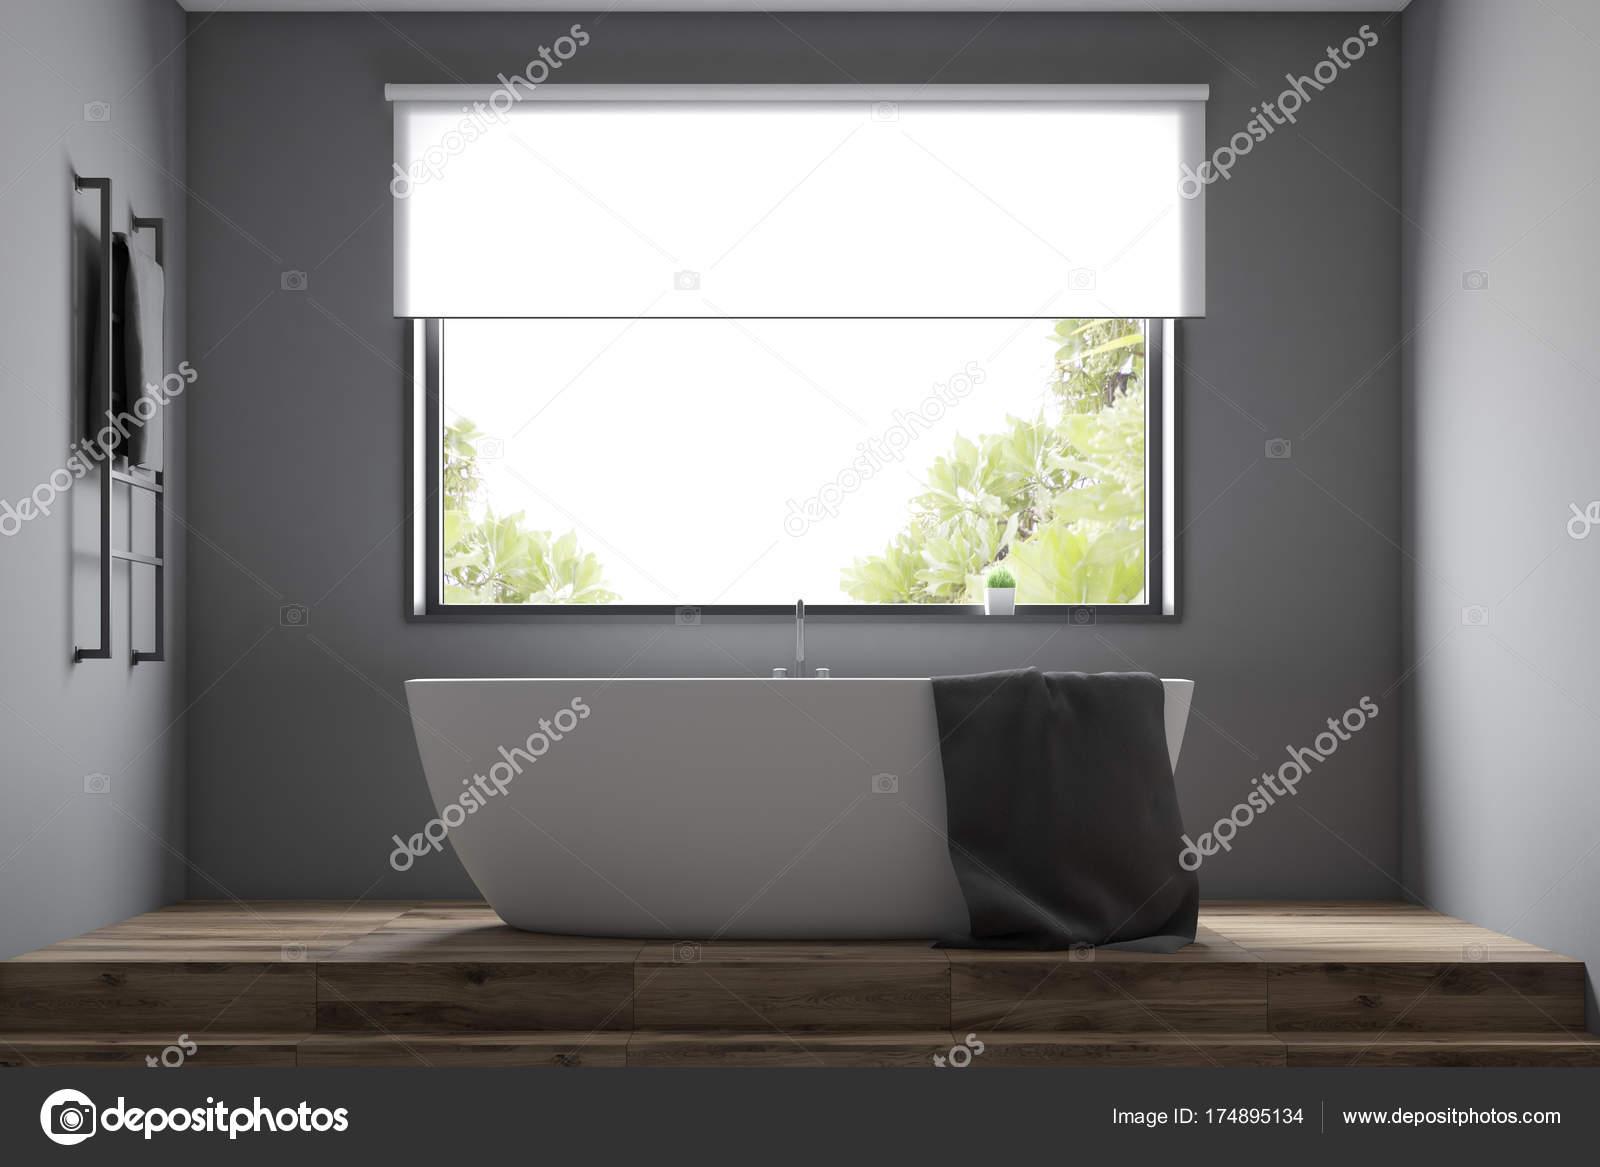 Chiuda l 39 interno del bagno moderno grigio foto stock denisismagilov 174895134 for Bagno moderno grigio